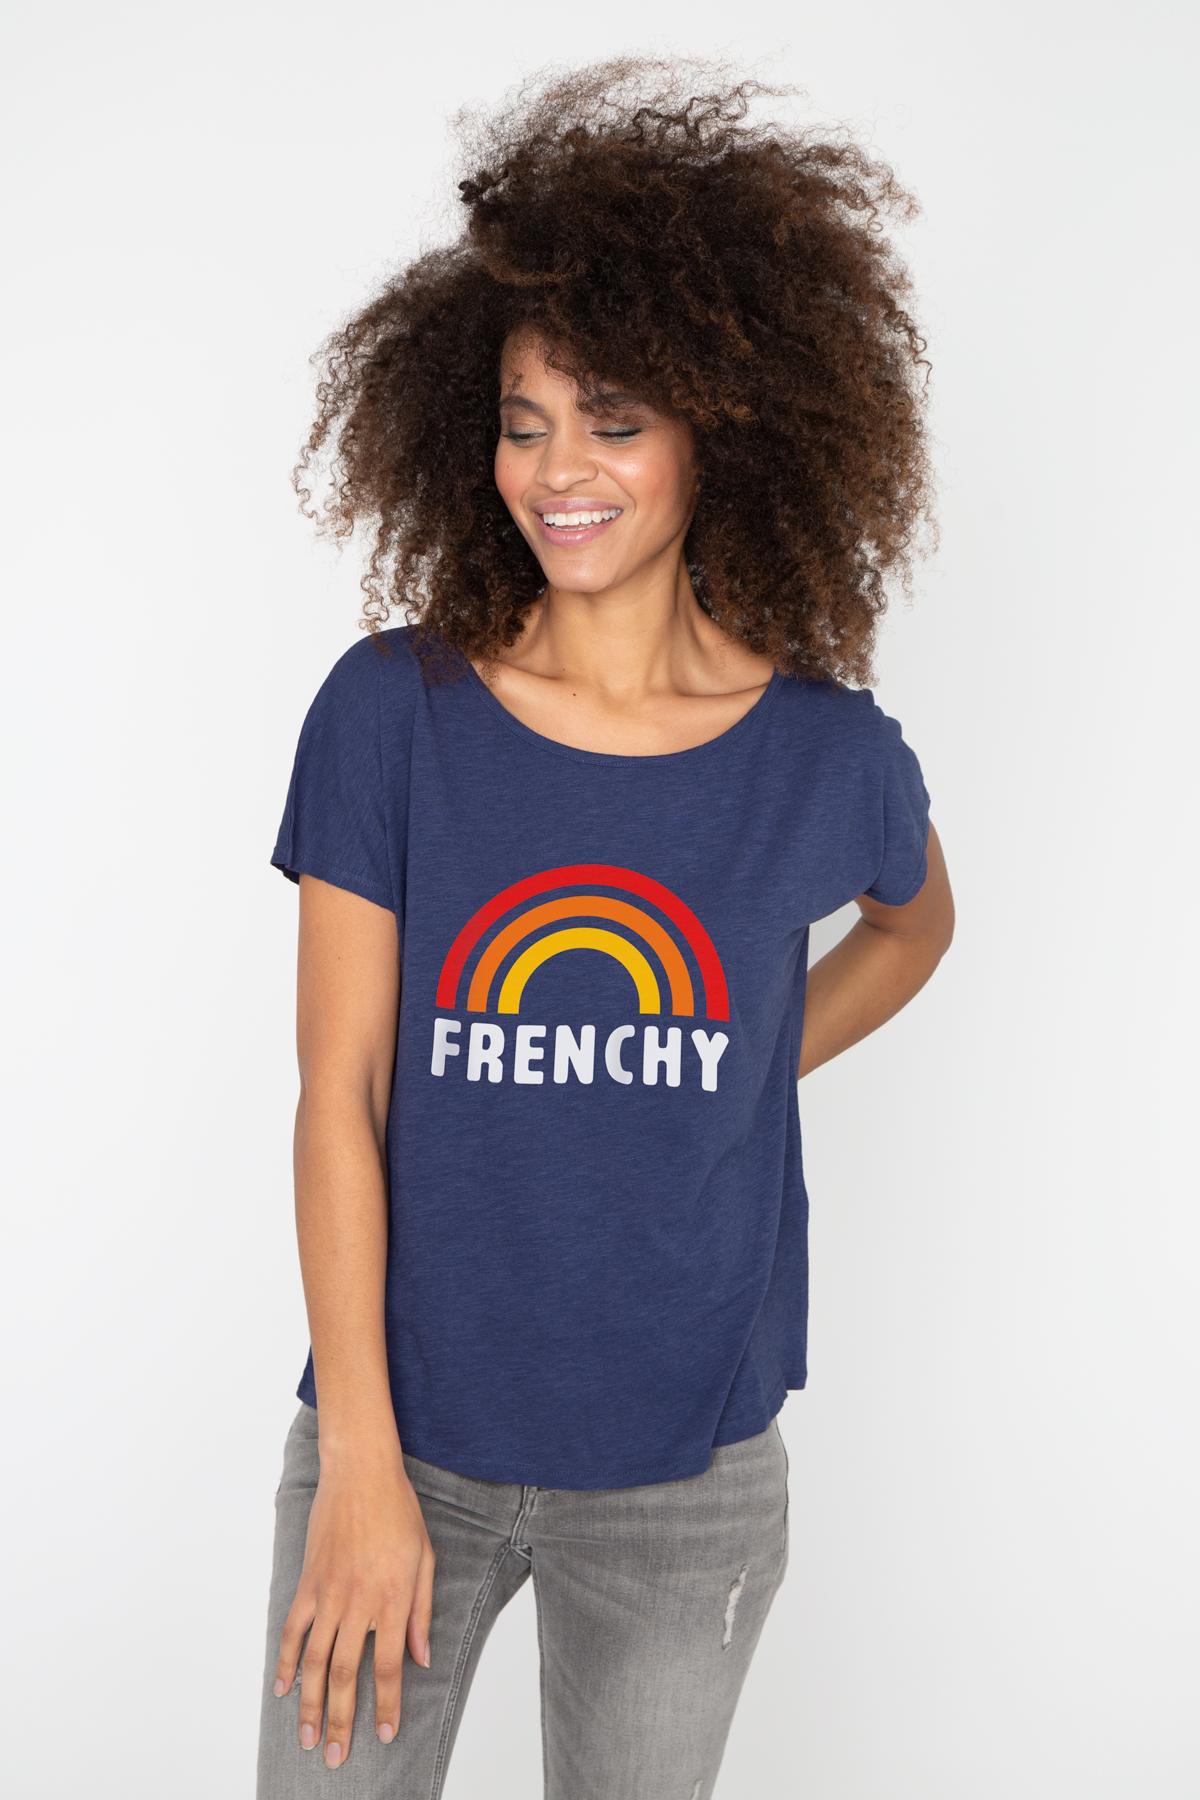 Photo de T-SHIRTS FLAMMÉS Tshirt flammé FRENCHY chez French Disorder